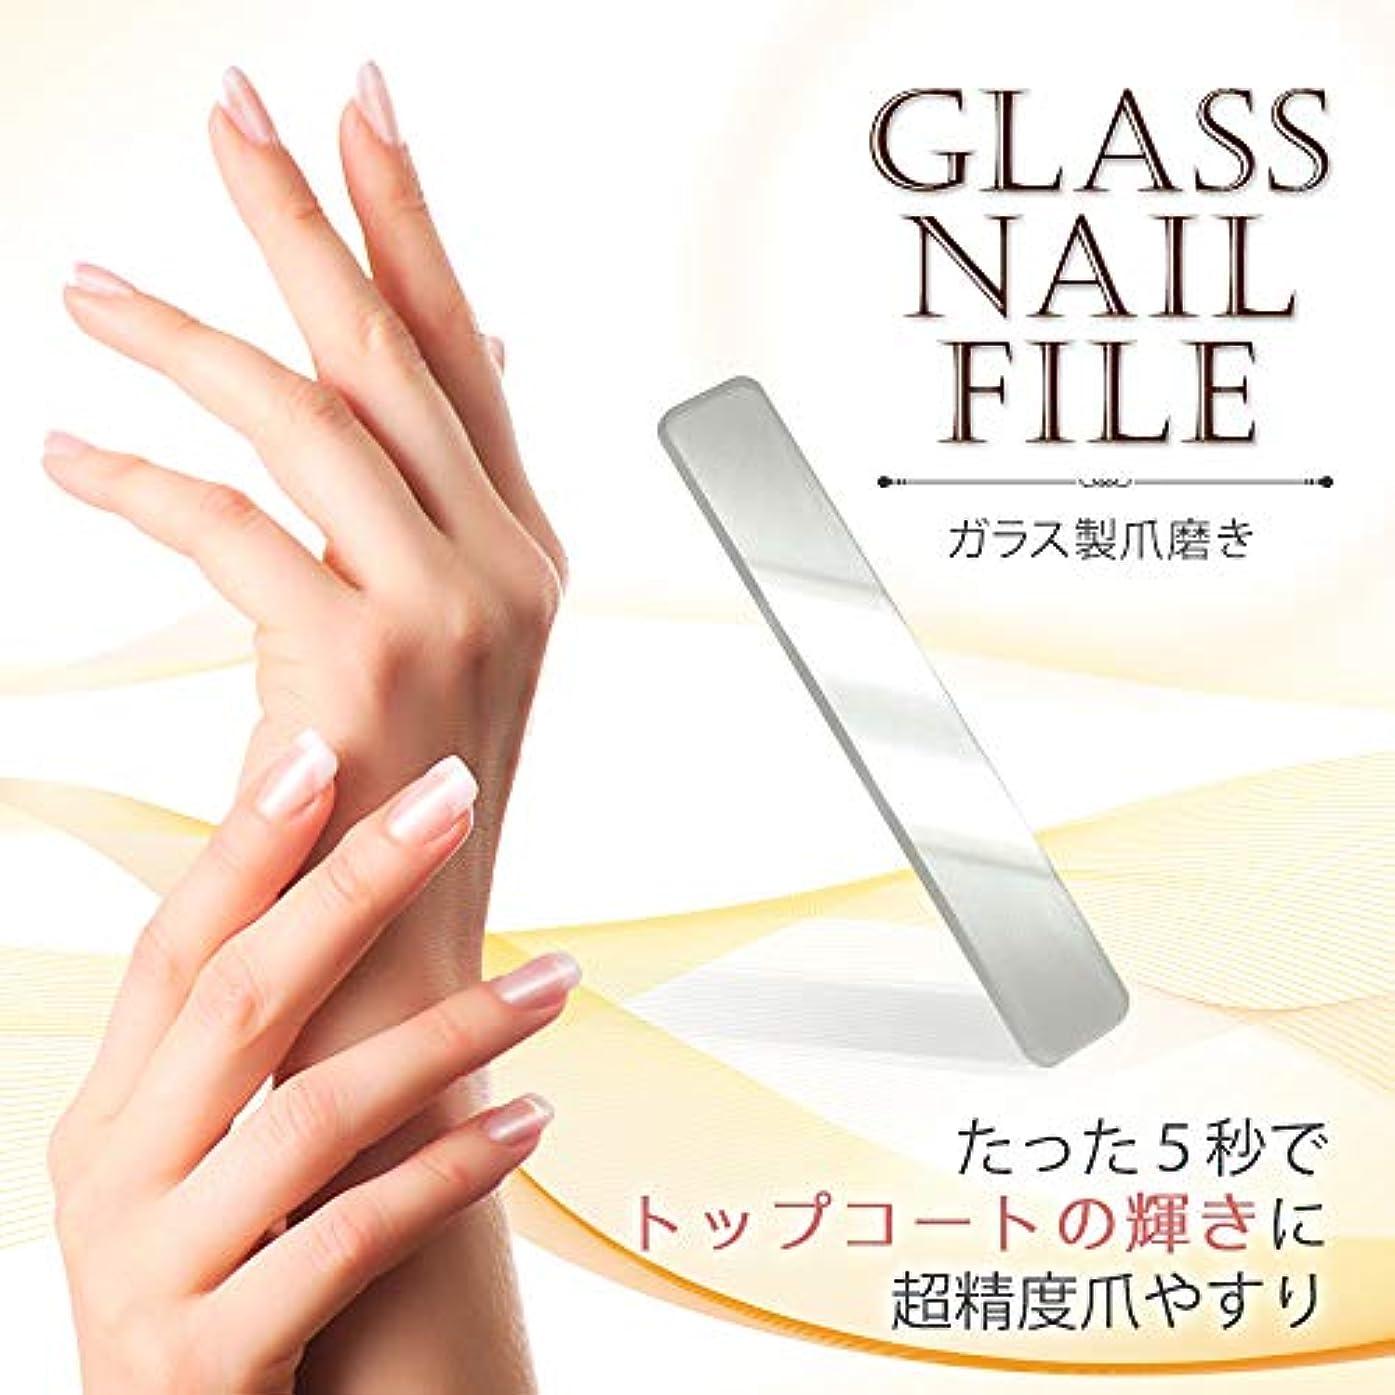 敗北威信究極の5秒で実感 Glass Nail File (ガラス製 爪やすり 爪みがき つめみがき 爪磨き ネイルファイル ネイルシャイナー グラスシャイナー バッファー ネイルケア 爪ケア)